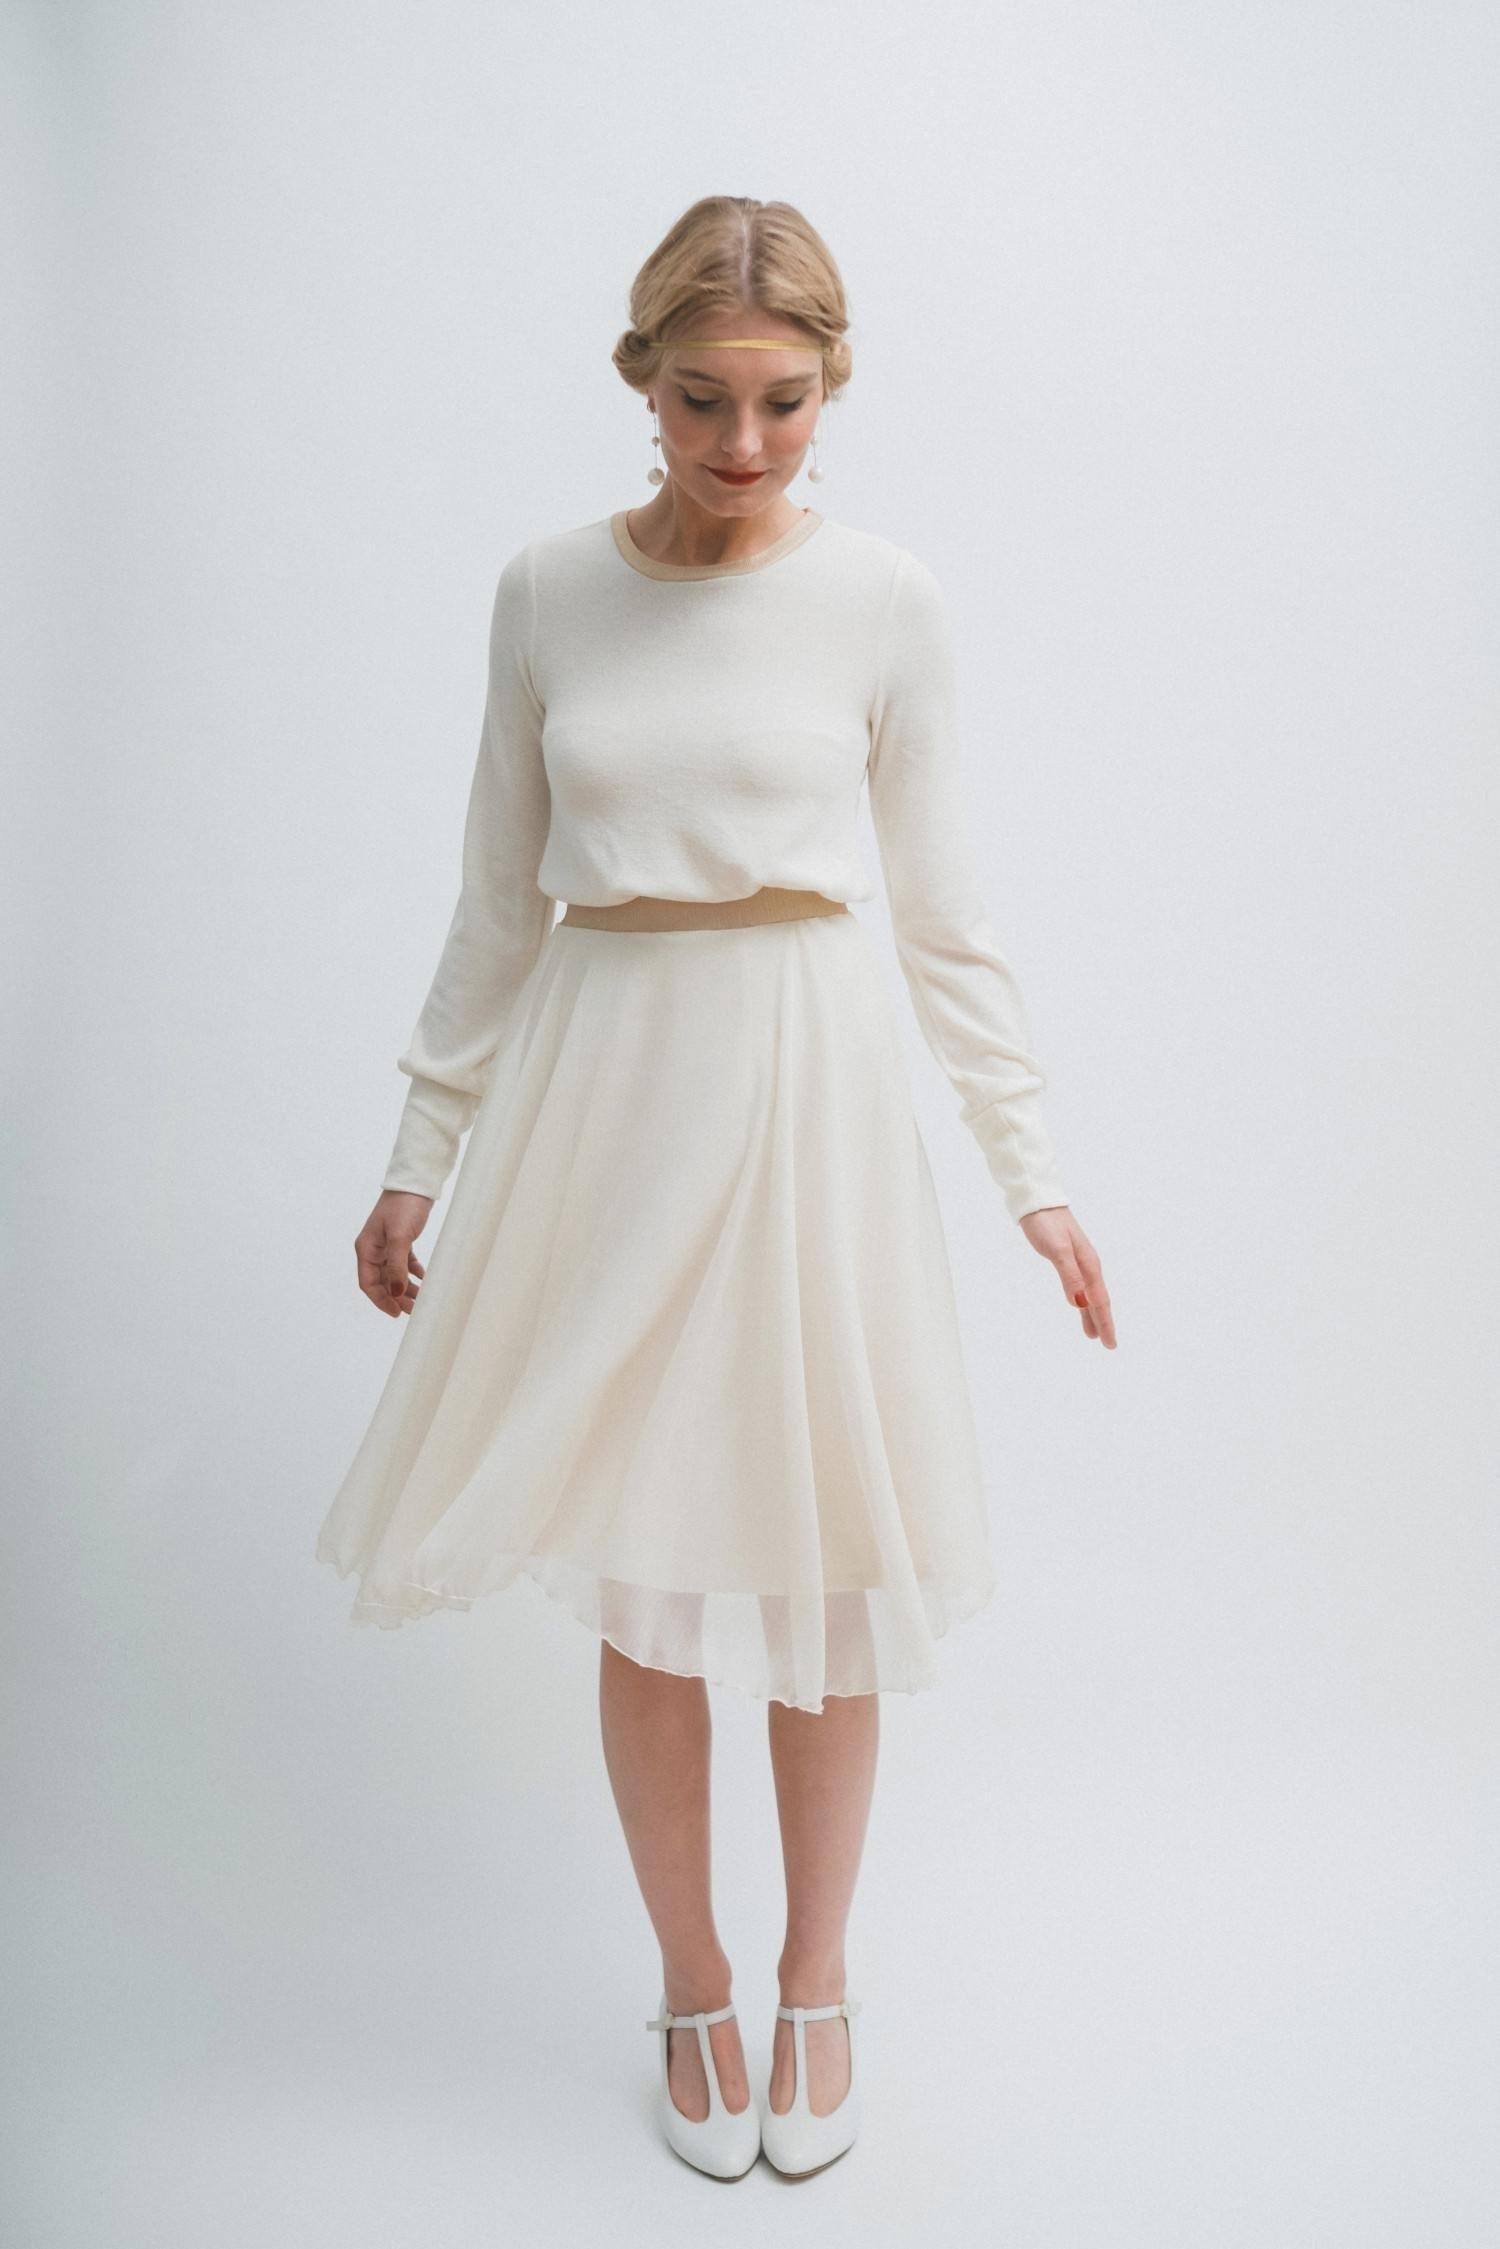 Großartig Kleider Für Hochzeit Vertrieb15 Erstaunlich Kleider Für Hochzeit Boutique